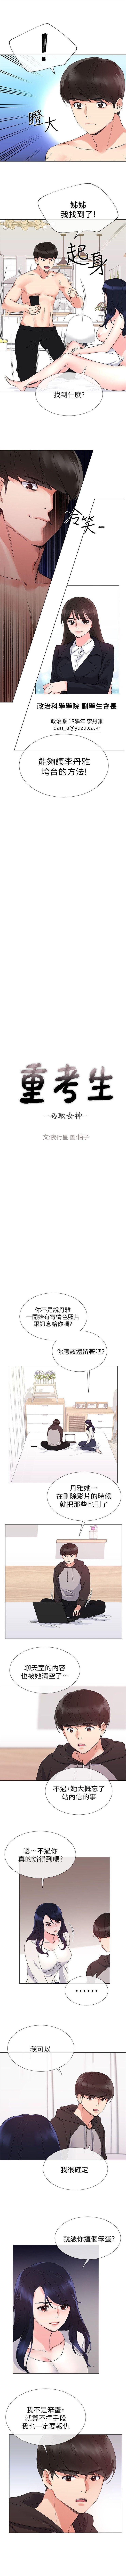 (週5)重考生 1-52 中文翻譯(更新中) 144